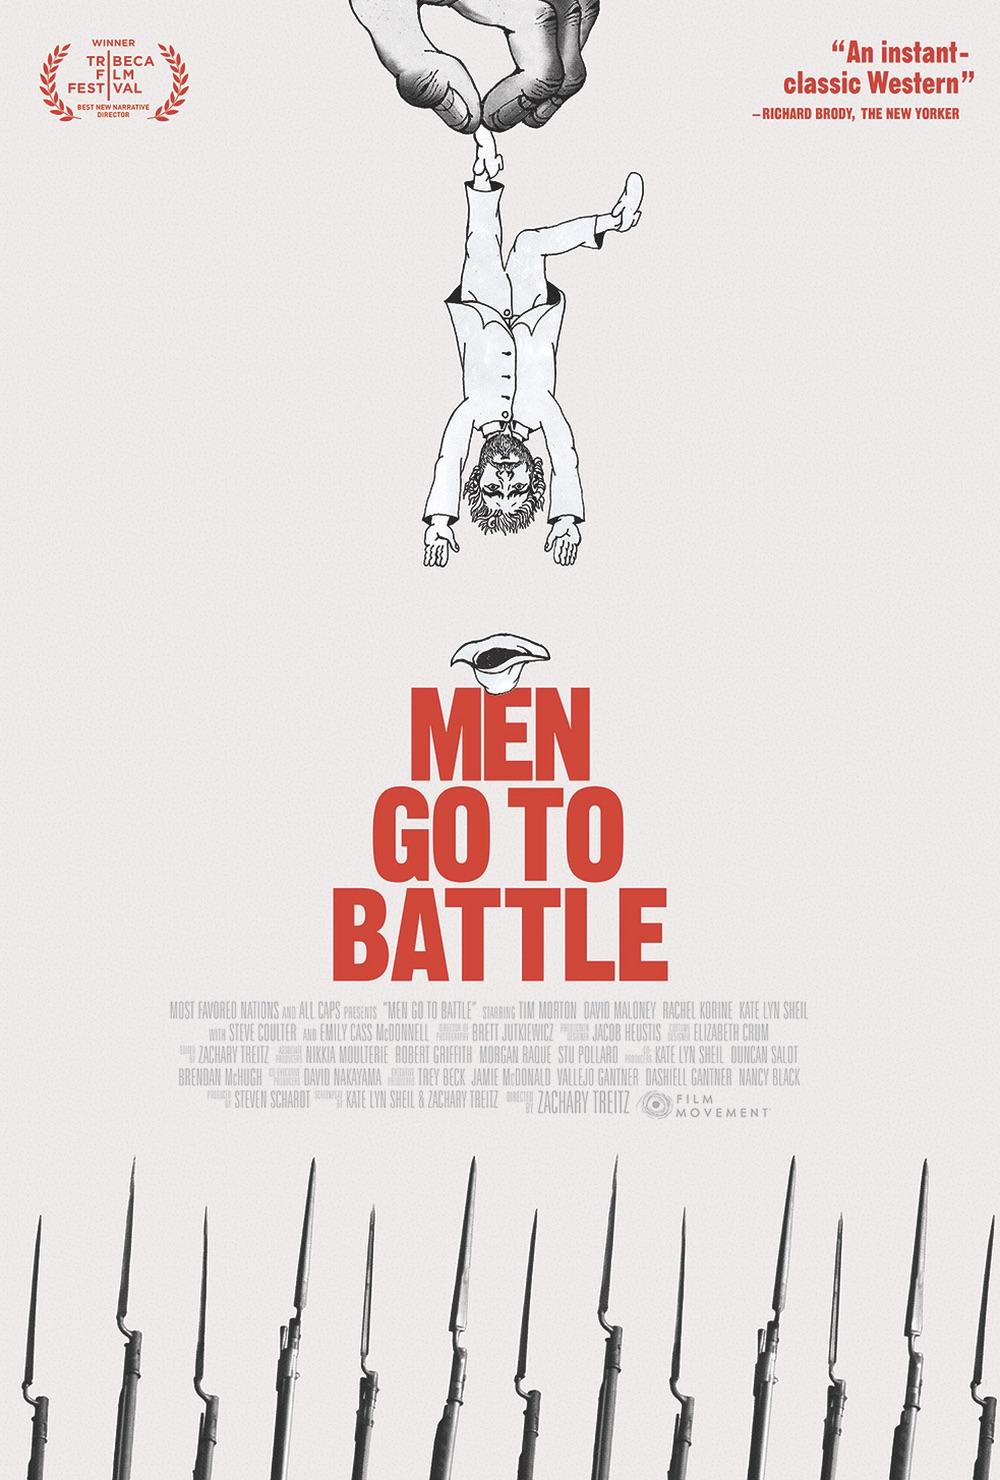 Men-Go-To-Battle Poster.jpg